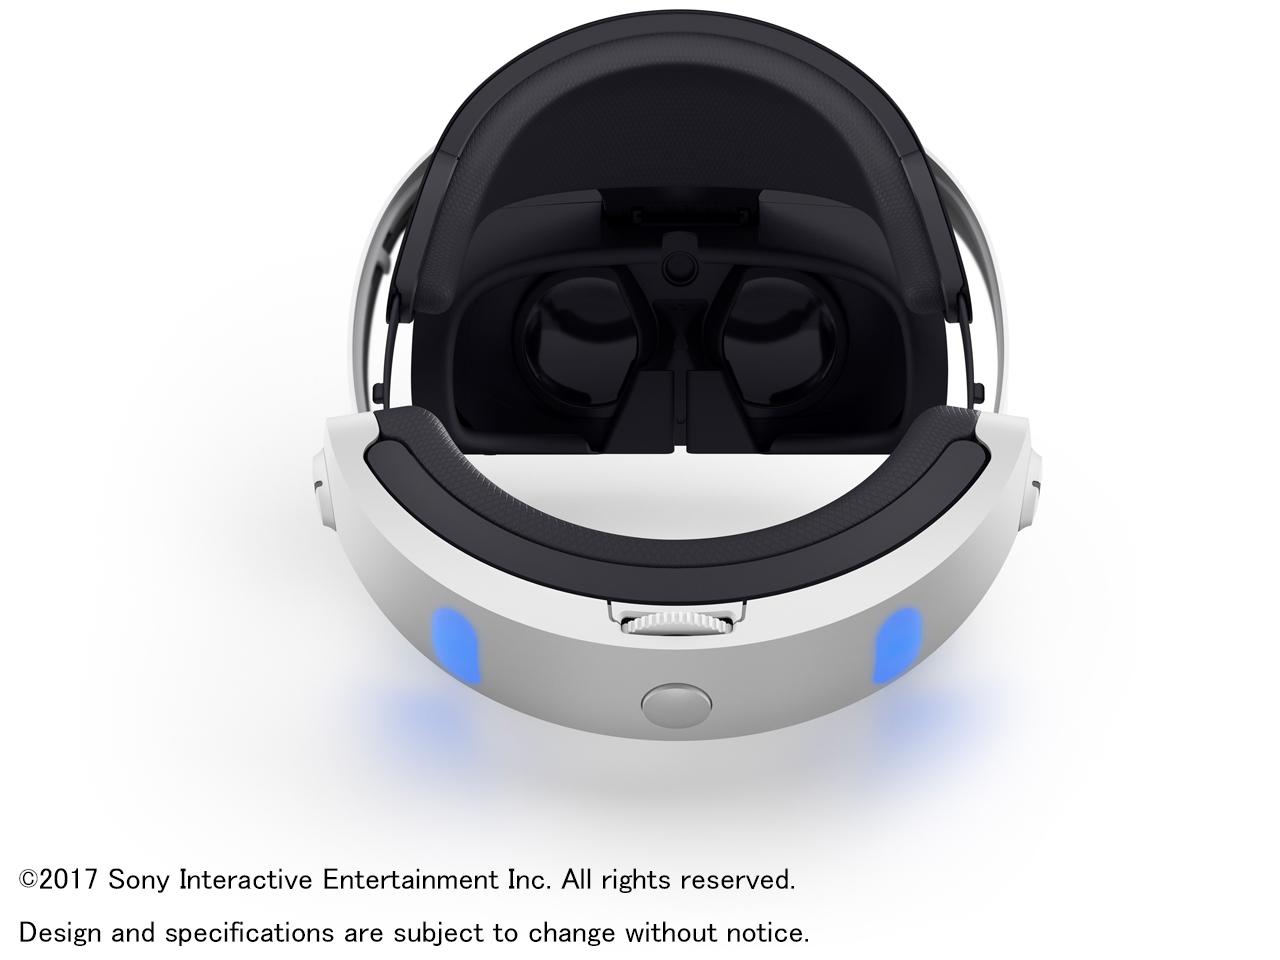 『本体 背面』 PlayStation VR PlayStation Camera同梱版 CUHJ-16003 の製品画像